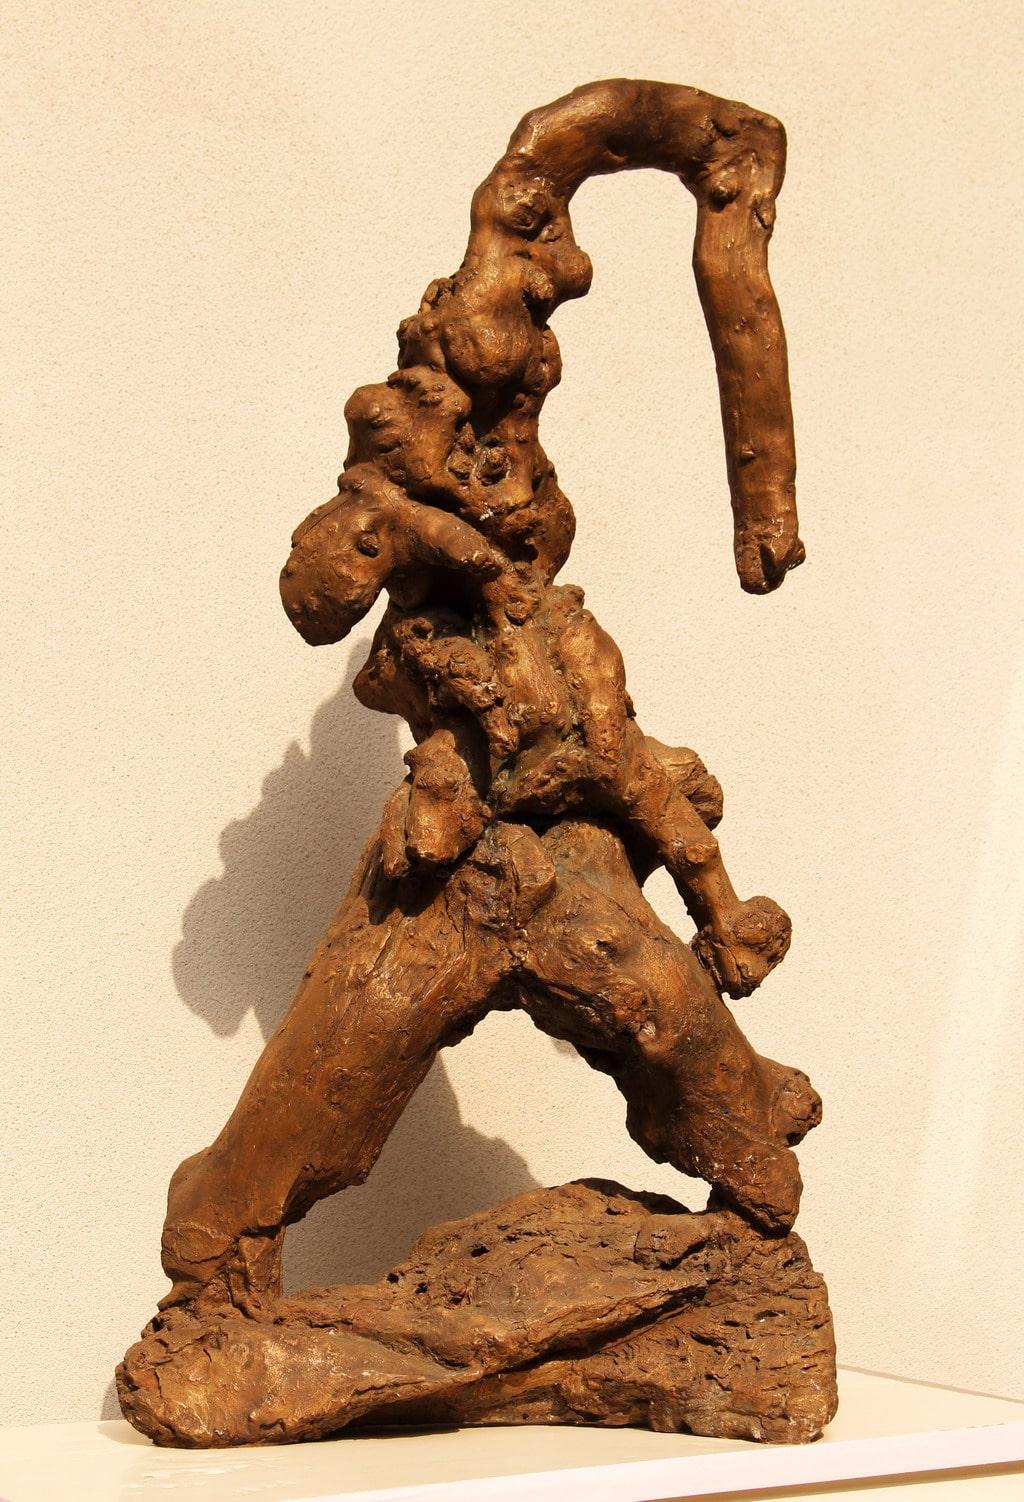 """Erminio Tansini, """"Senza titolo"""", 2016, bronzo, 90x26x46 cm. © Erminio Tansini"""